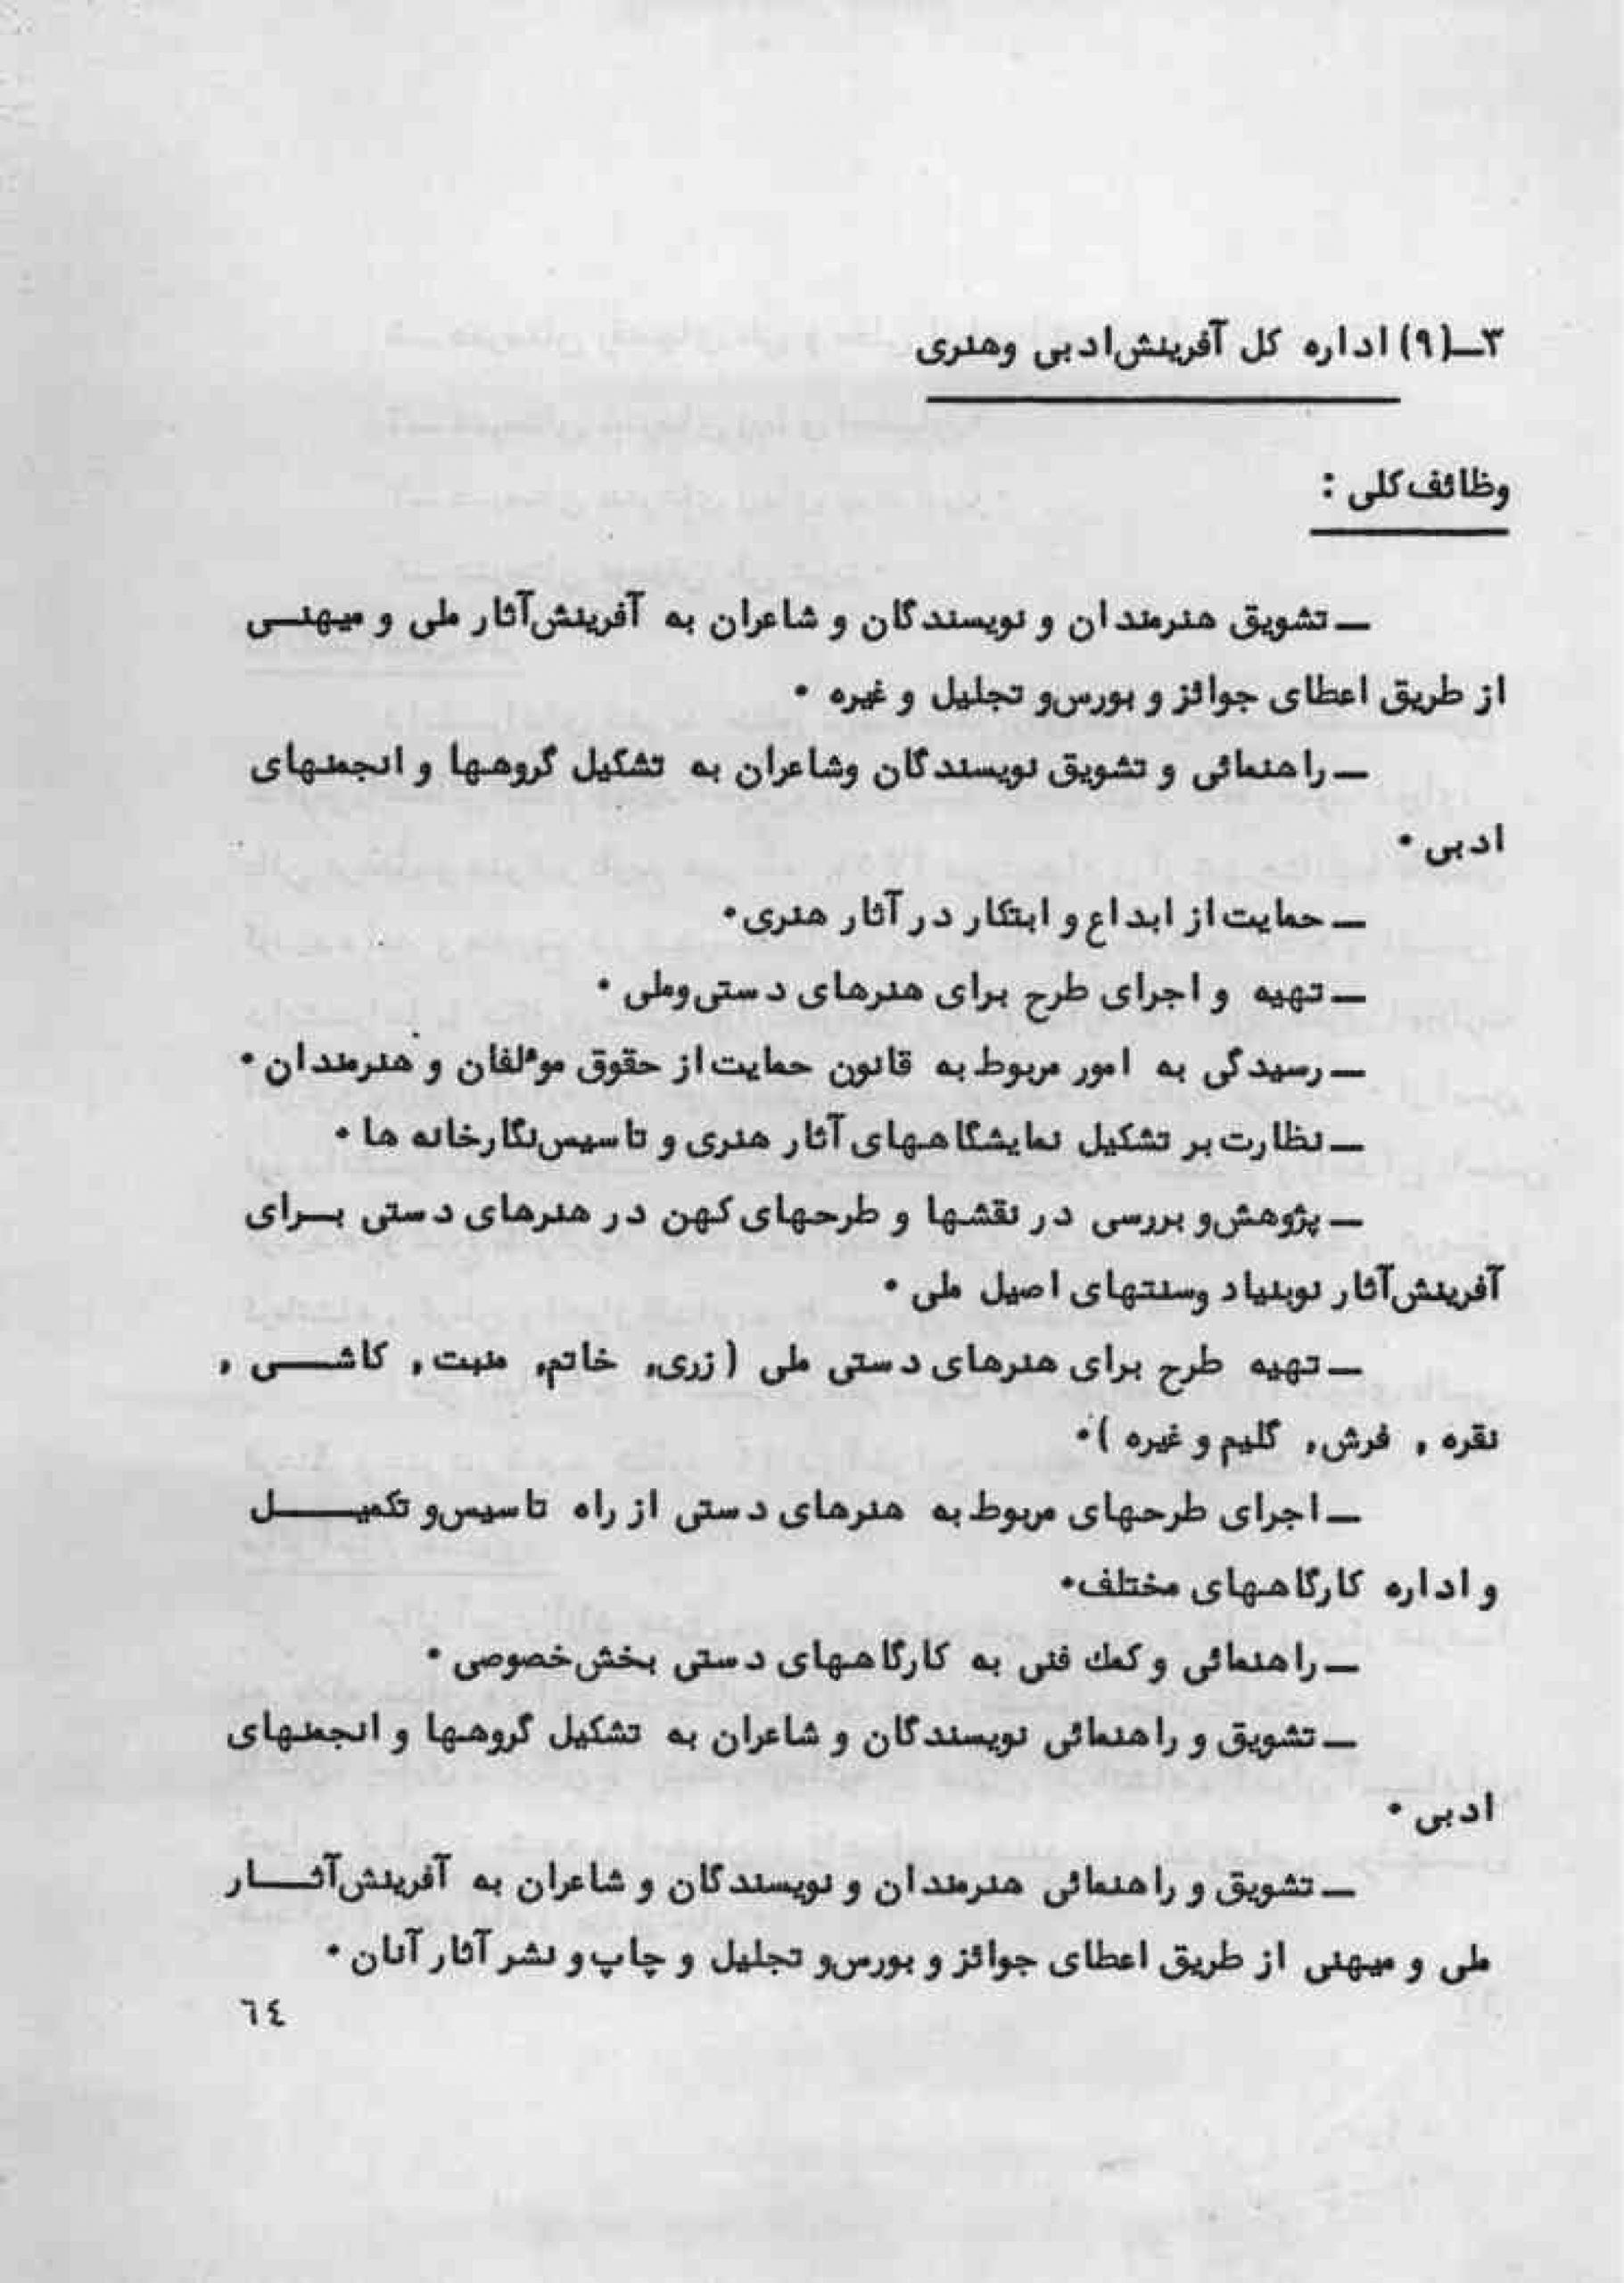 اداره کل آفرینش ادبی و هنری